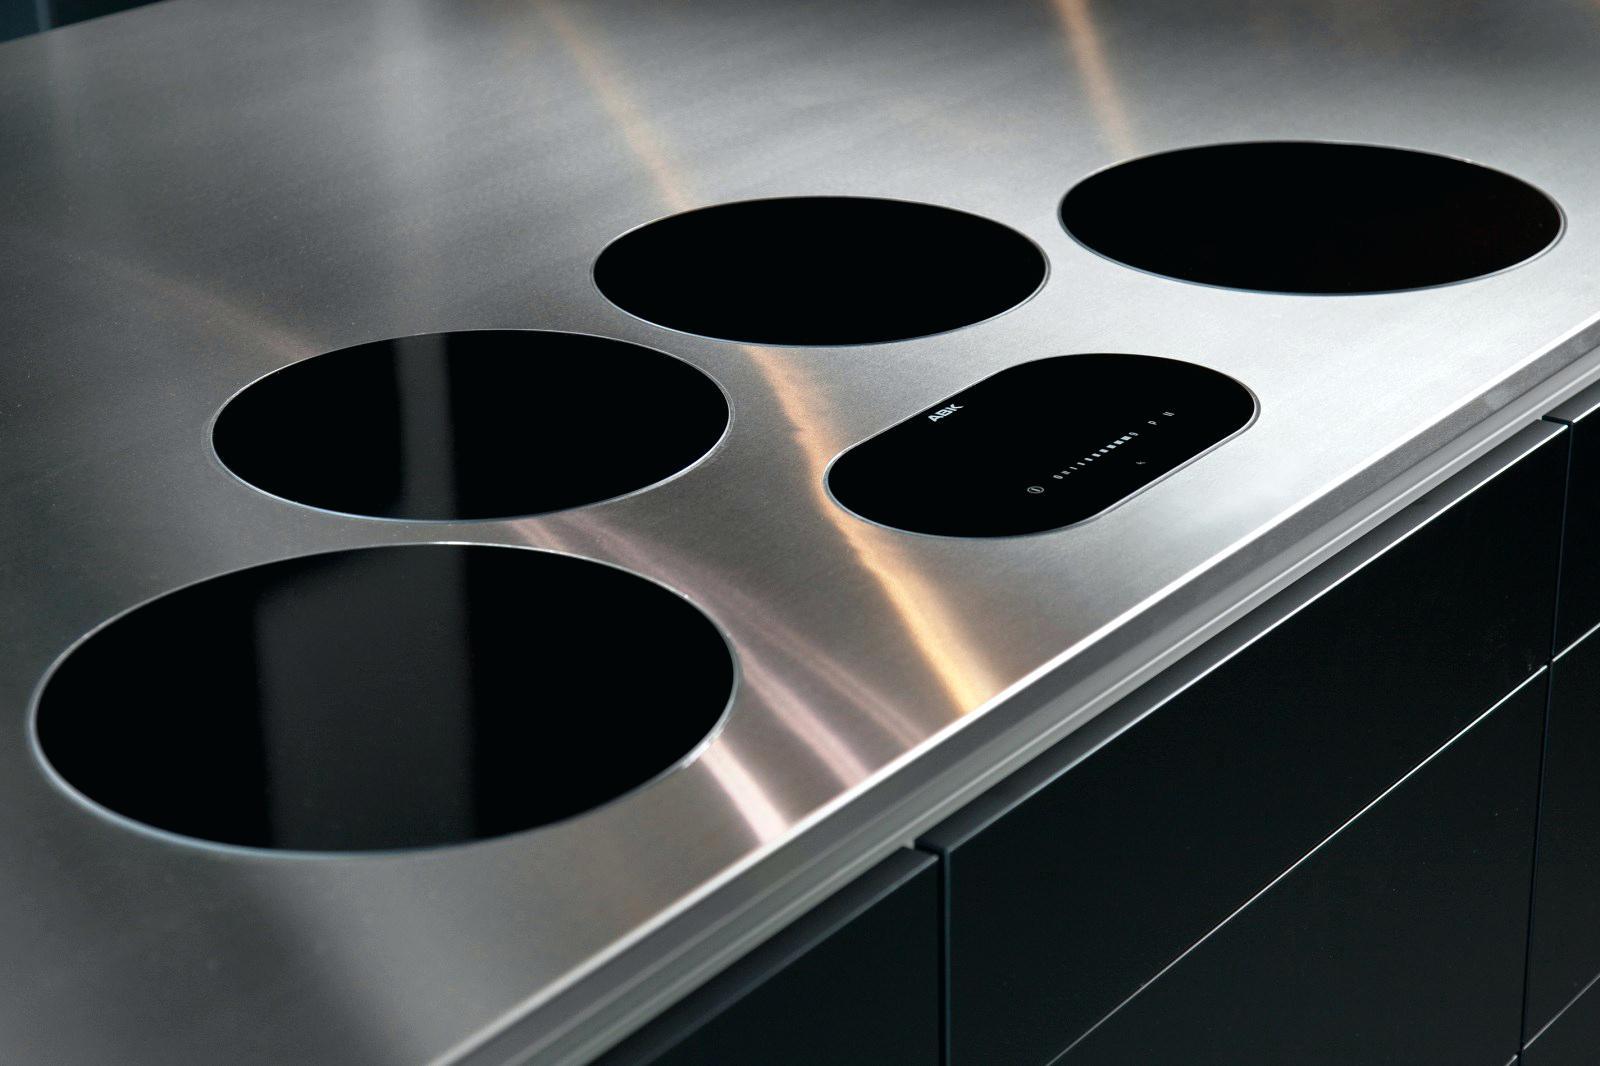 Table Induction Bosch Pil611b18e Impressionnant Photographie Plaque De Cuisson Induction I Cooking Avec Bruleurs Individuels Dans